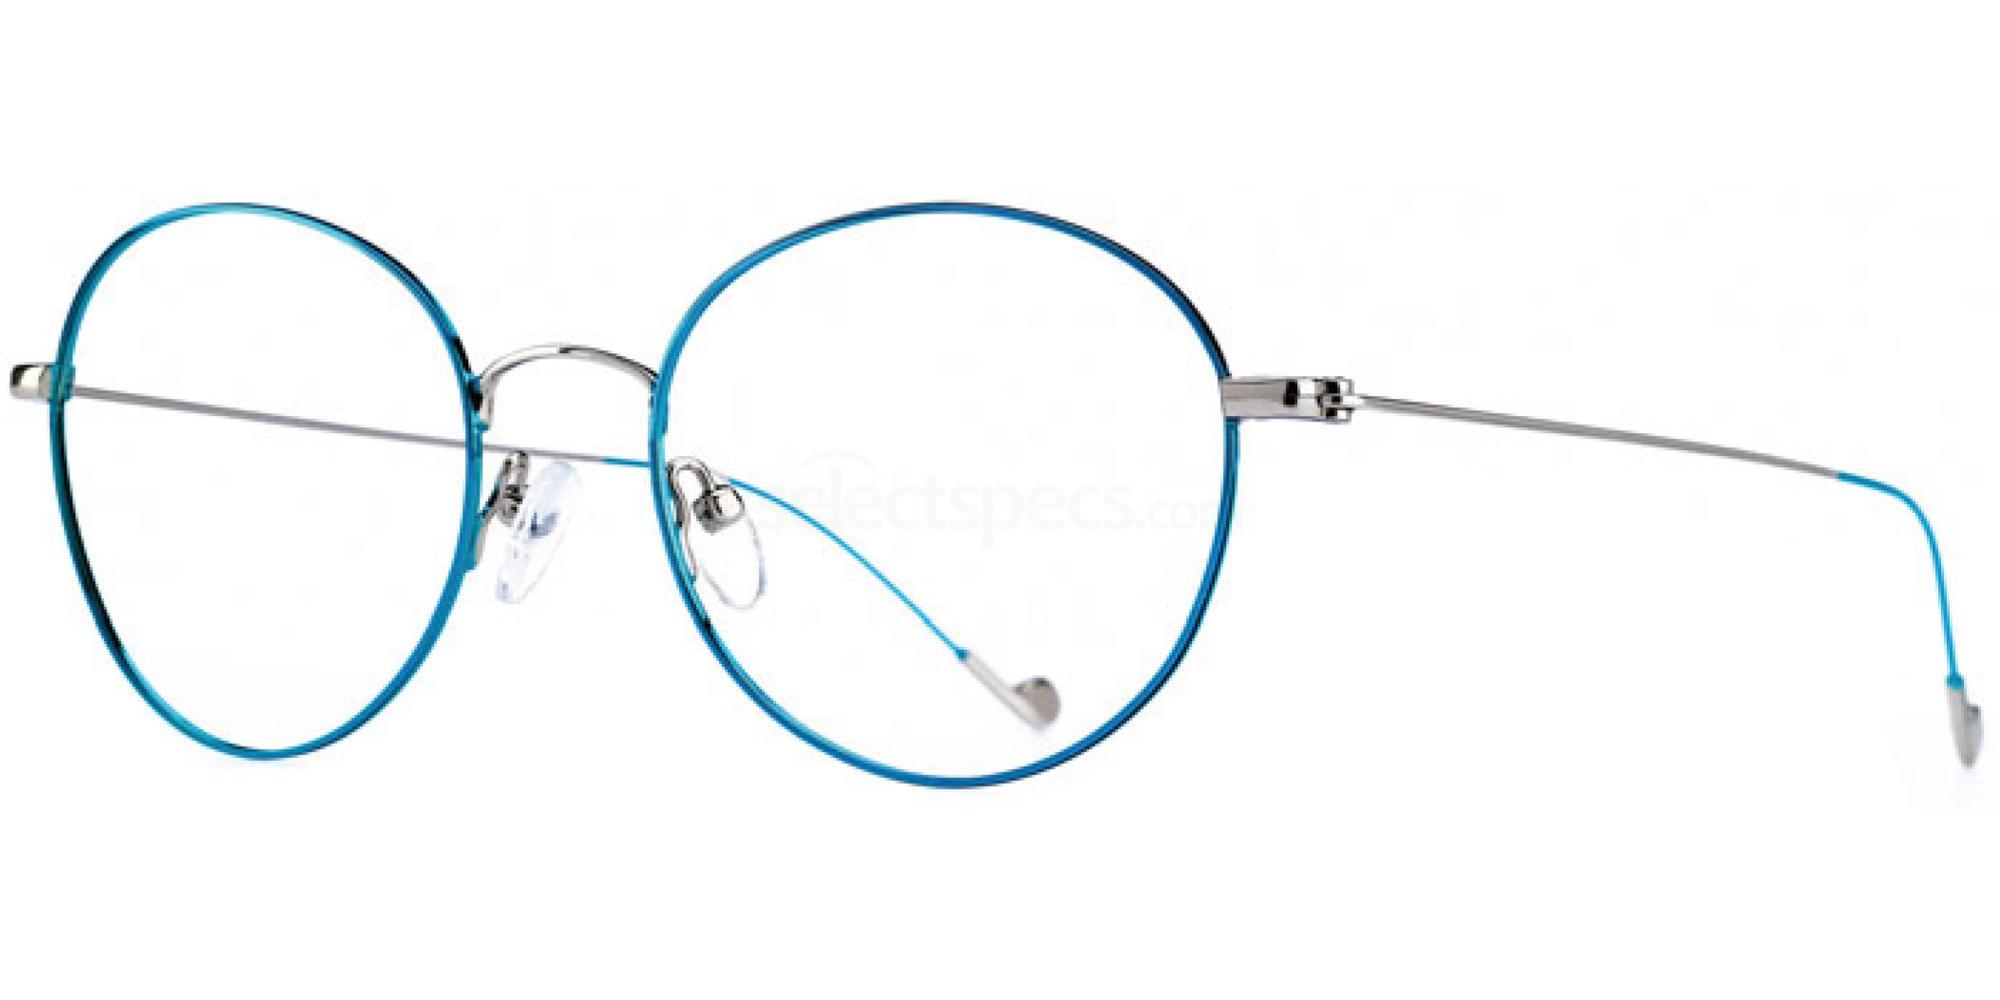 C2 i Wear 6055 Glasses, i Wear